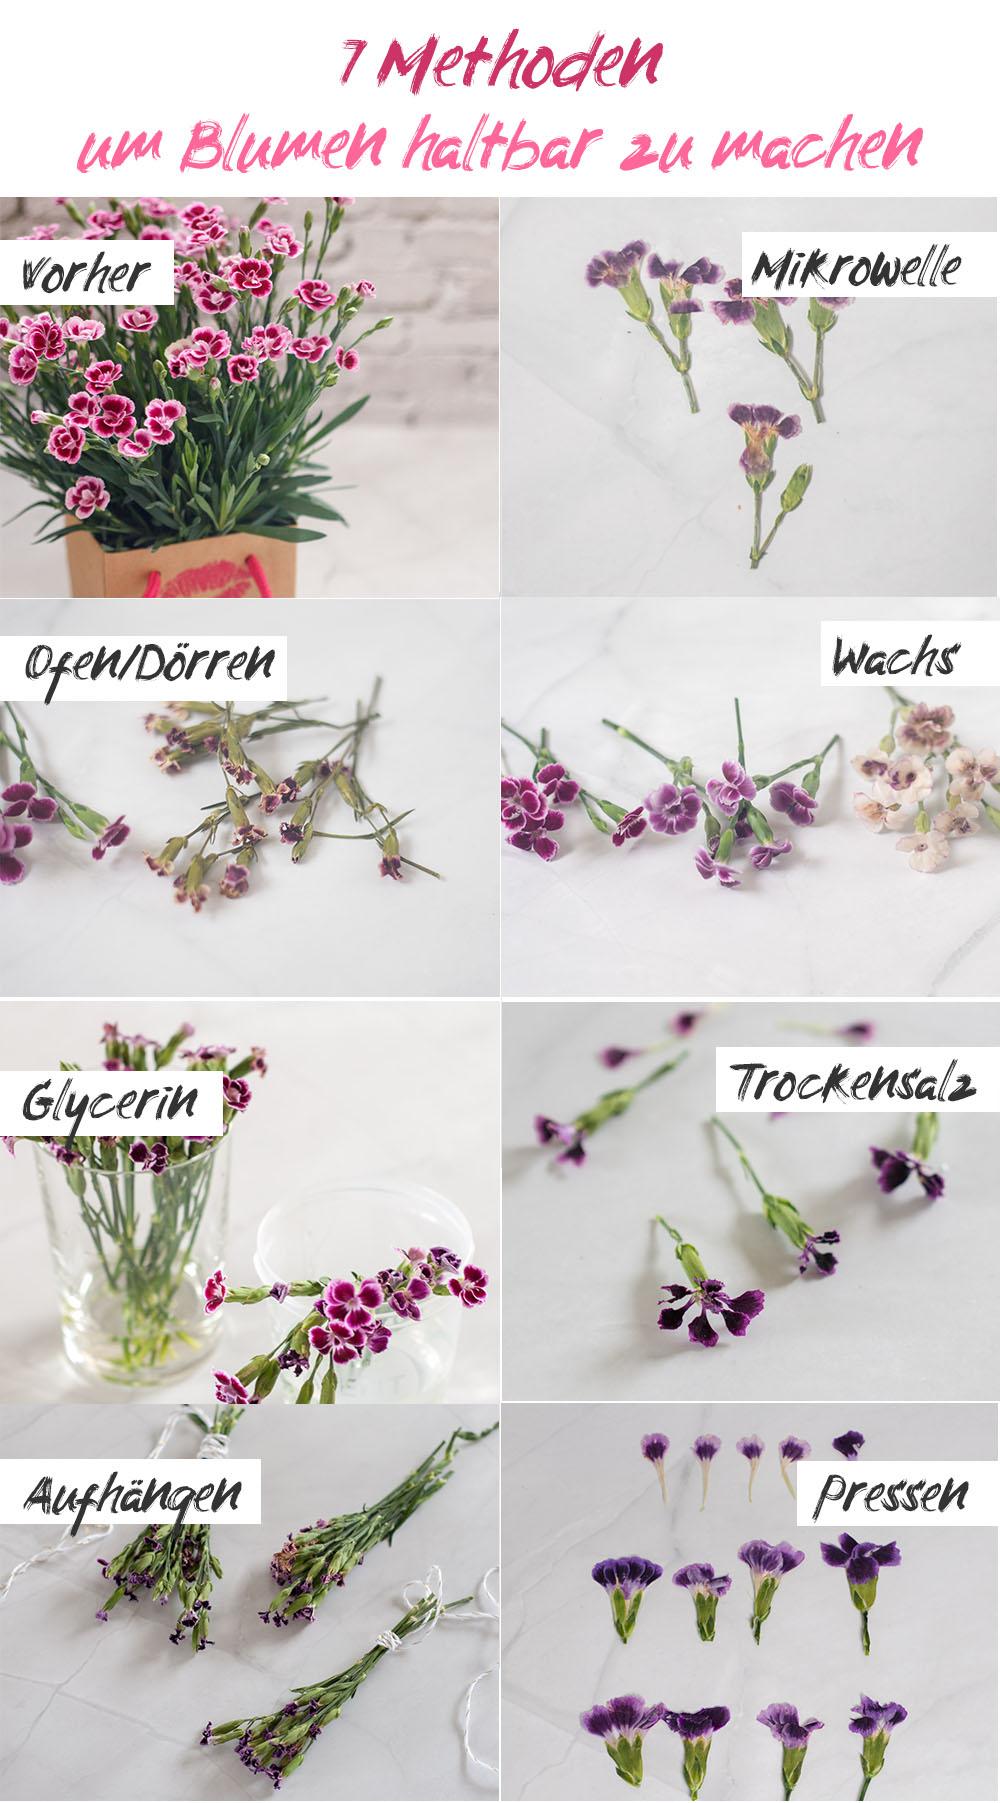 7 Methoden zum Konservieren von Blumen getestet